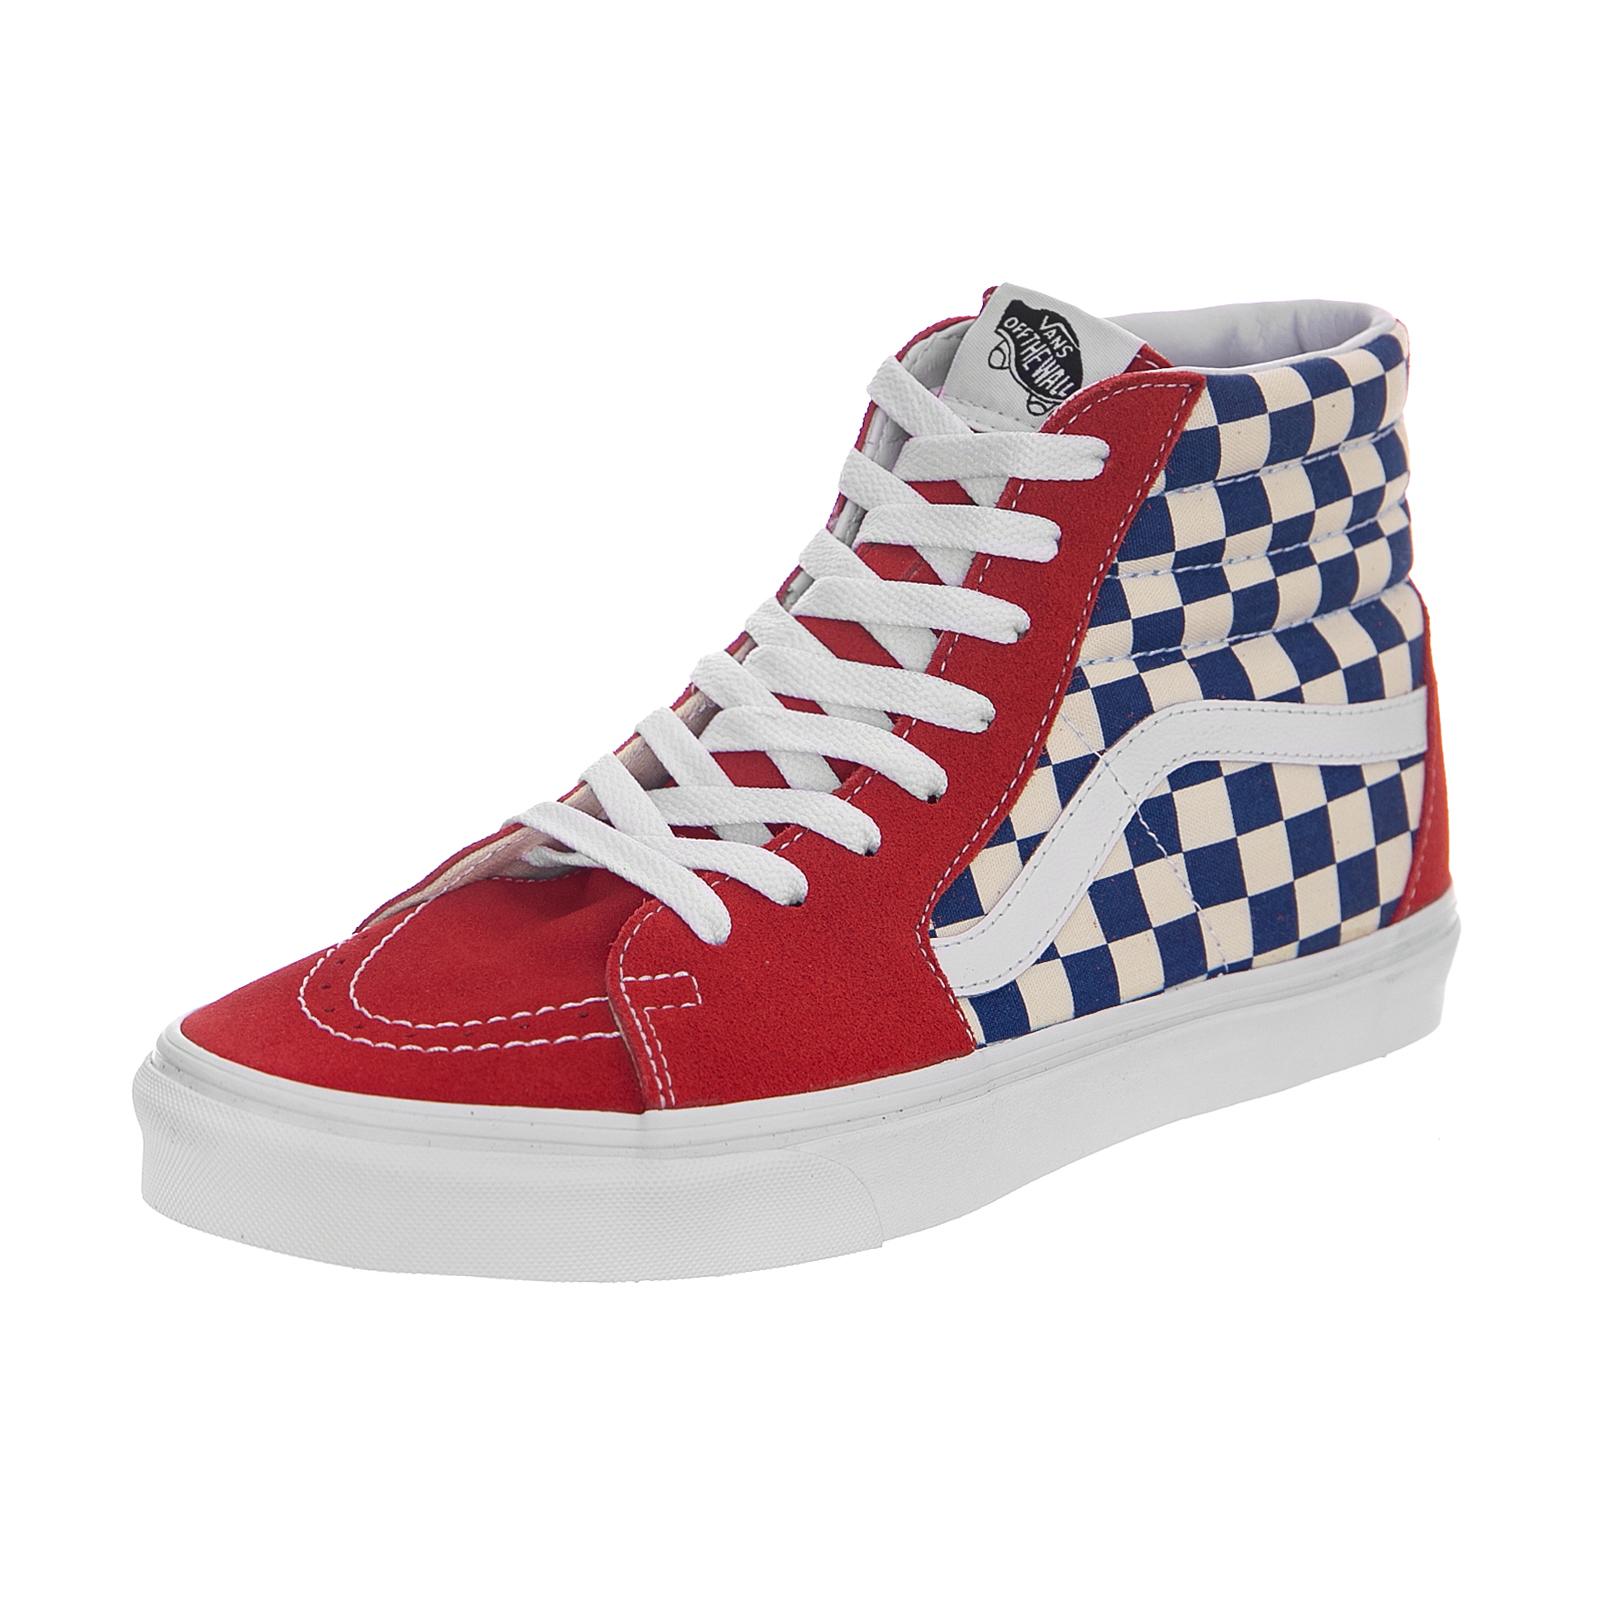 6c11479840b Vans Classic Damier Chaussures de skate Rouge Blanc - old school ... vans  damier rouge et blanc